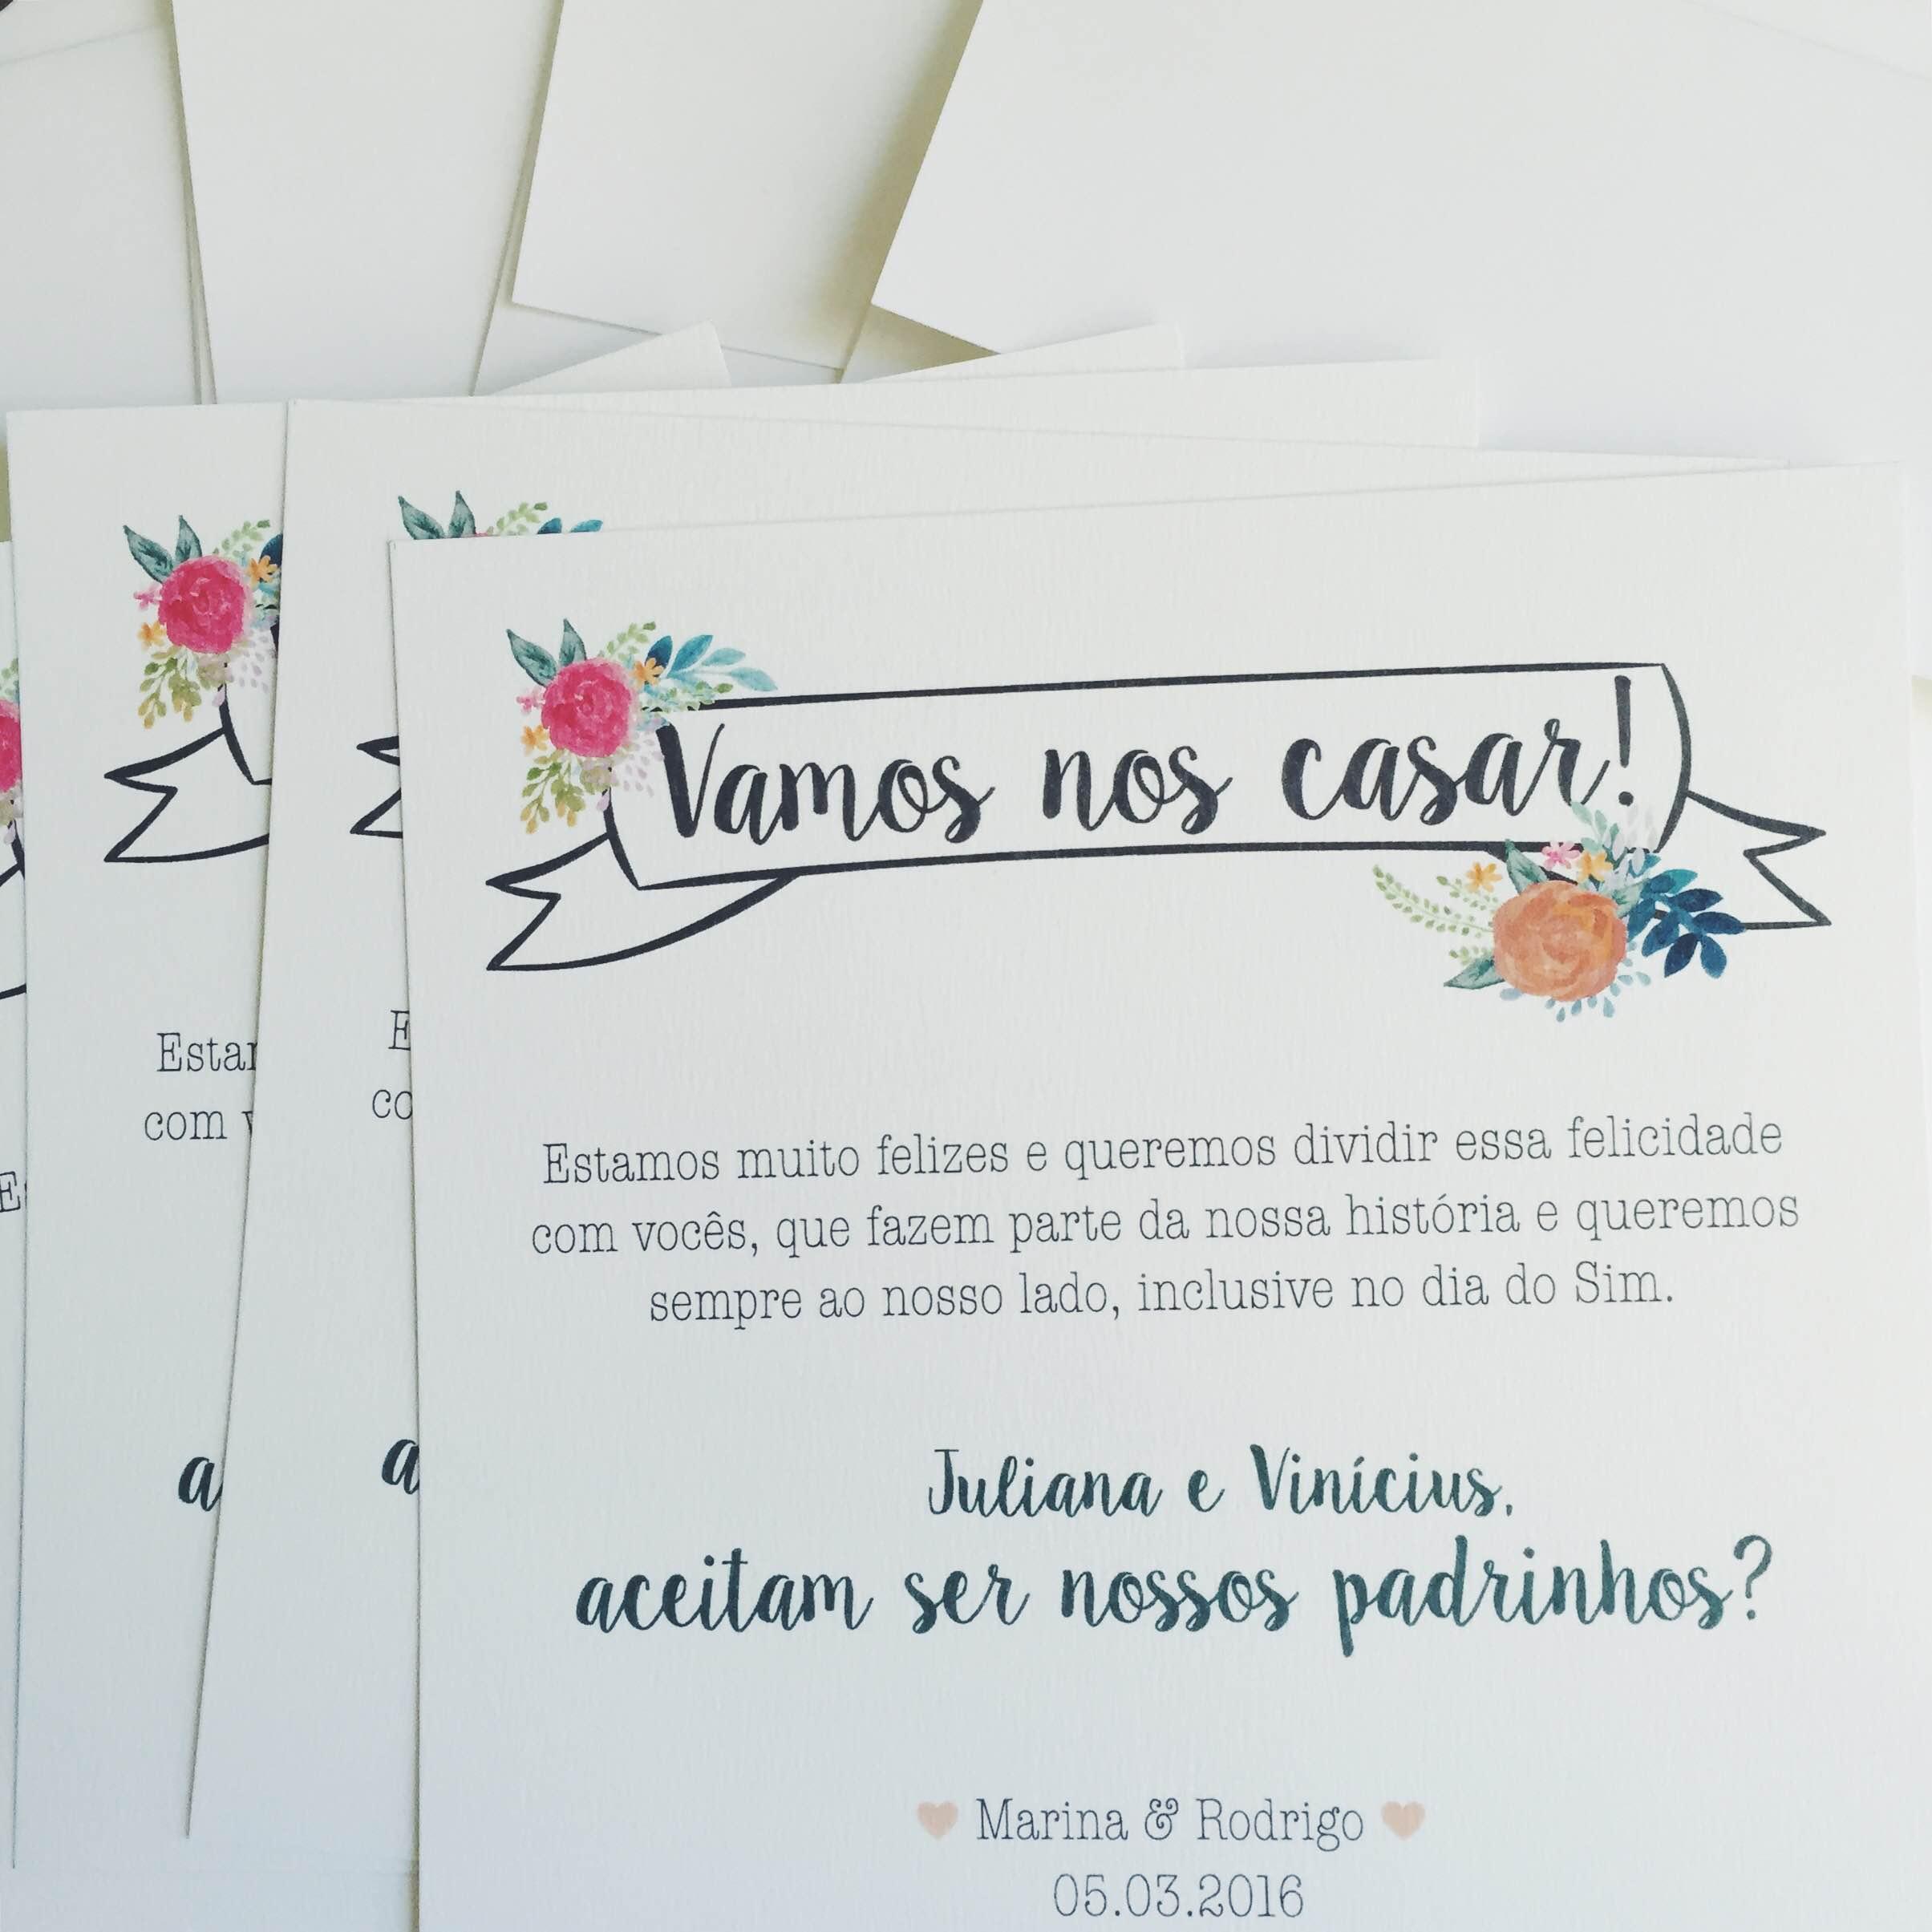 convite_padrinhos_formal.JPG